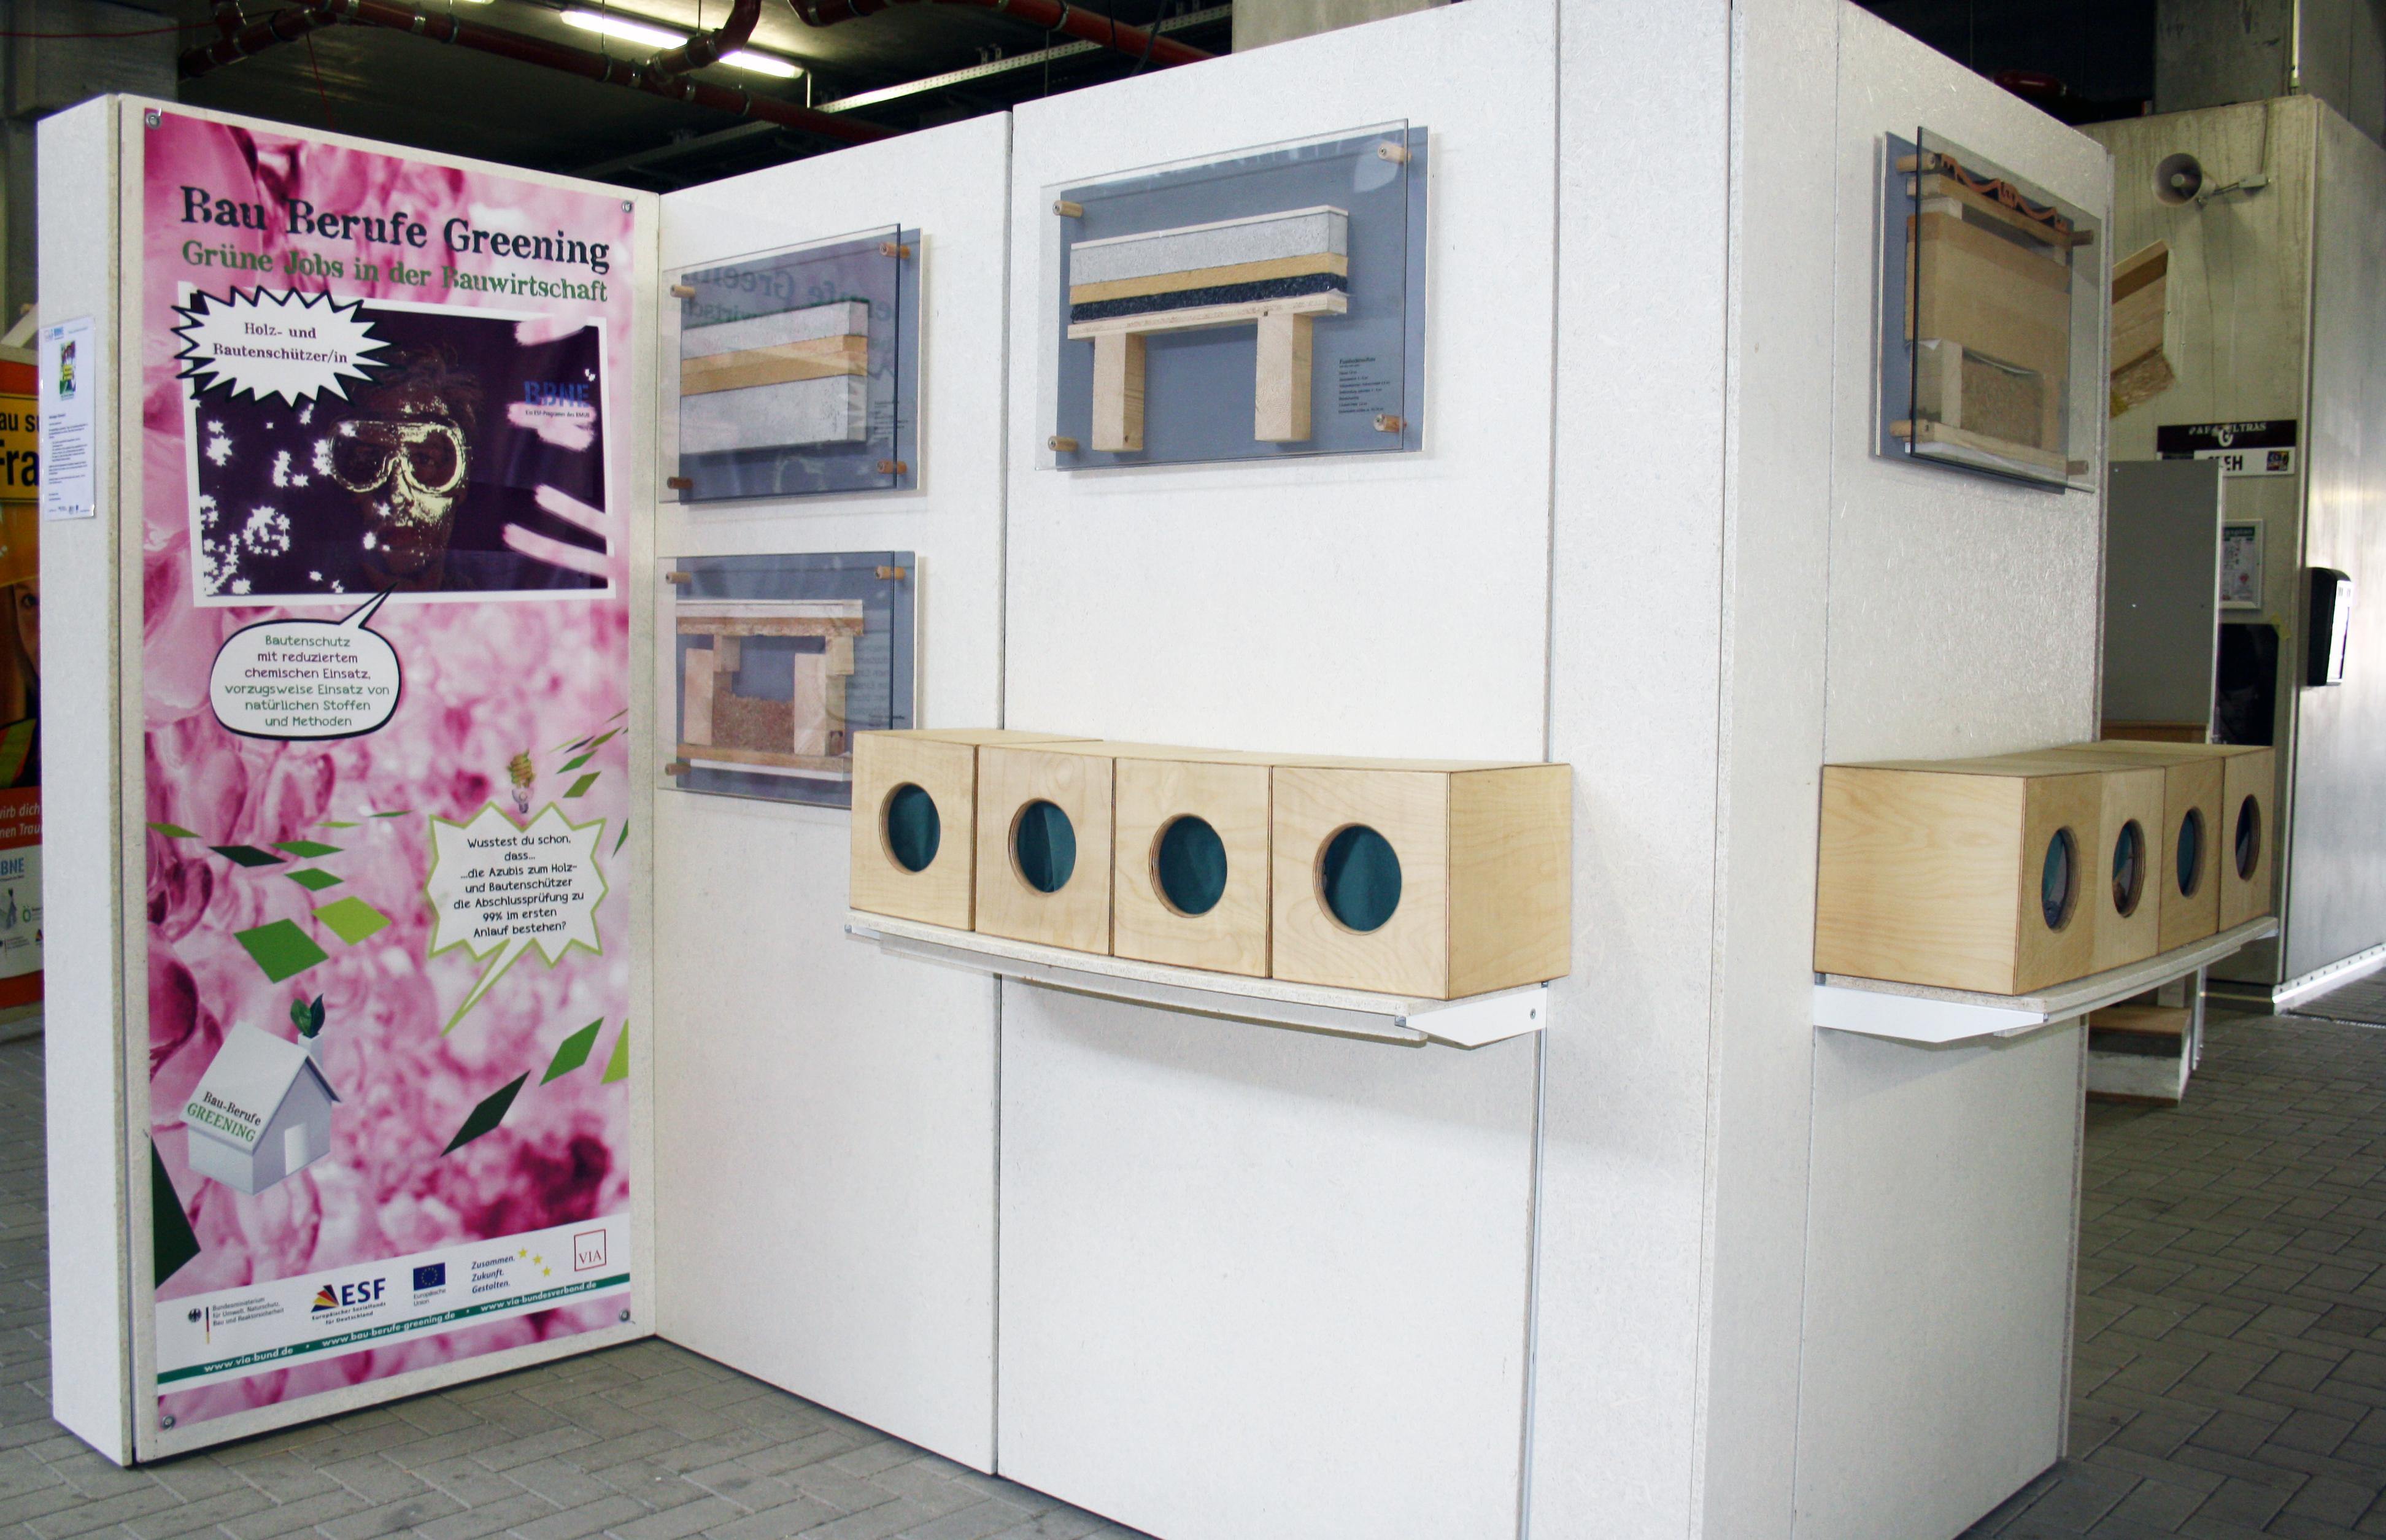 Bauberufe-Ausstellung für Jugendliche in der Nordtribüne